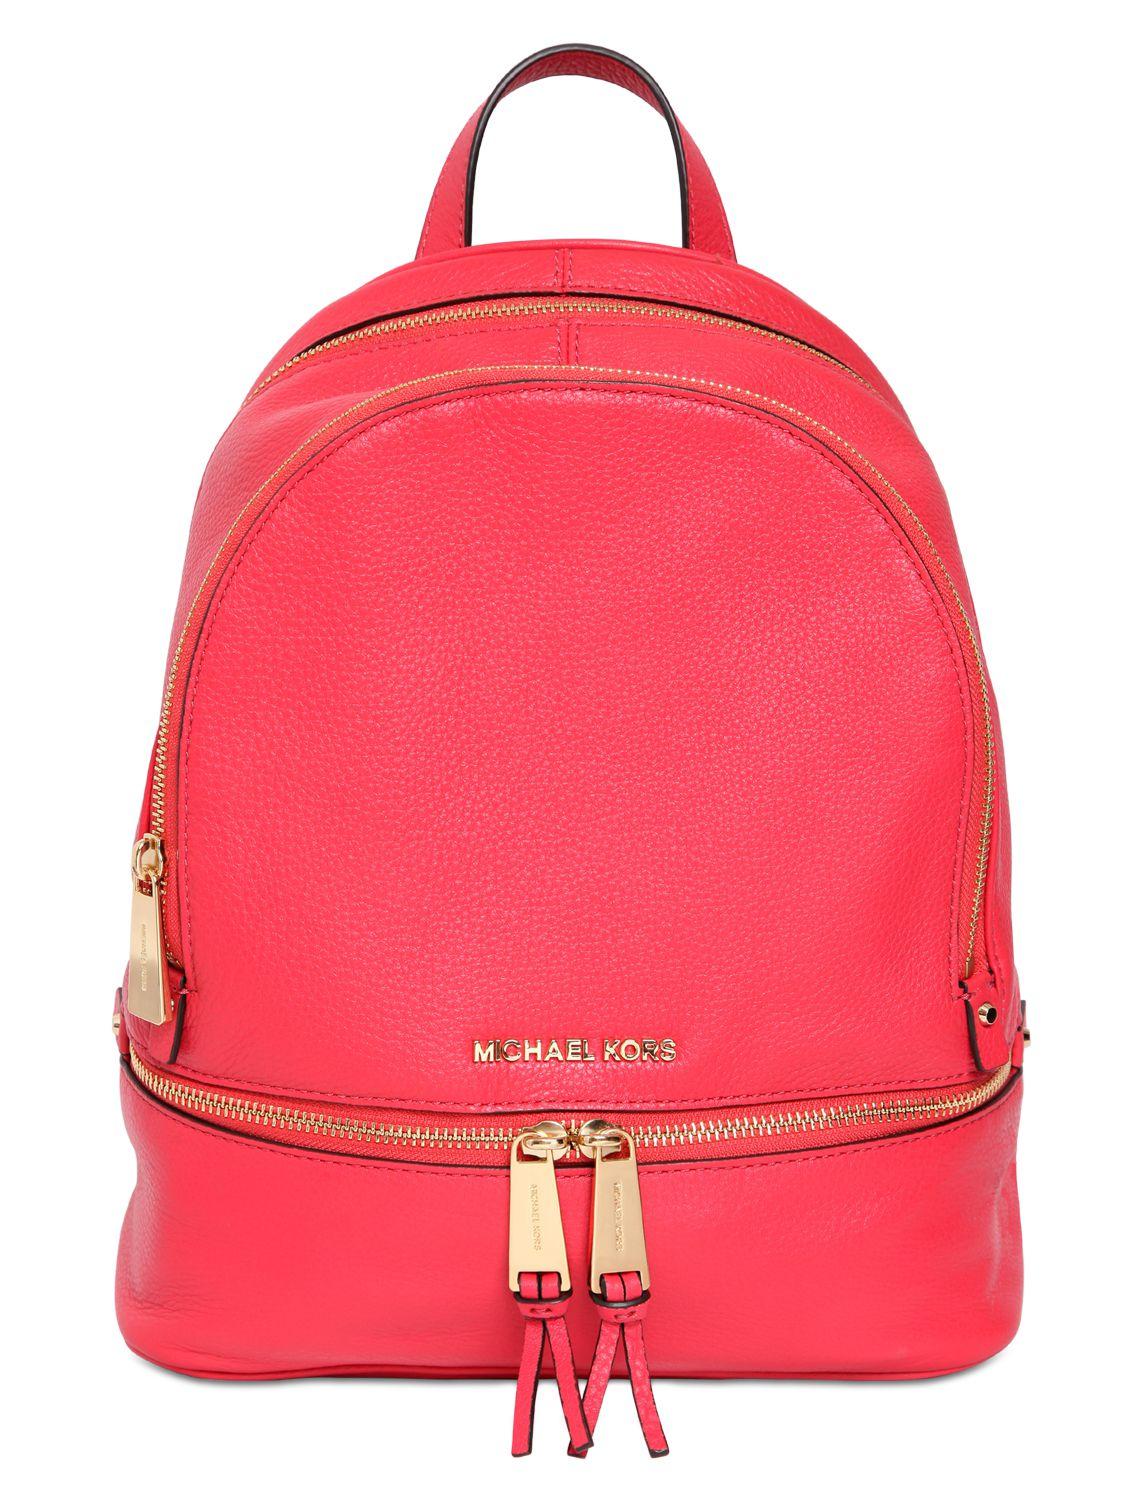 7b5472bbe161 Michael Kors Backpack Bags Uk | Stanford Center for Opportunity ...